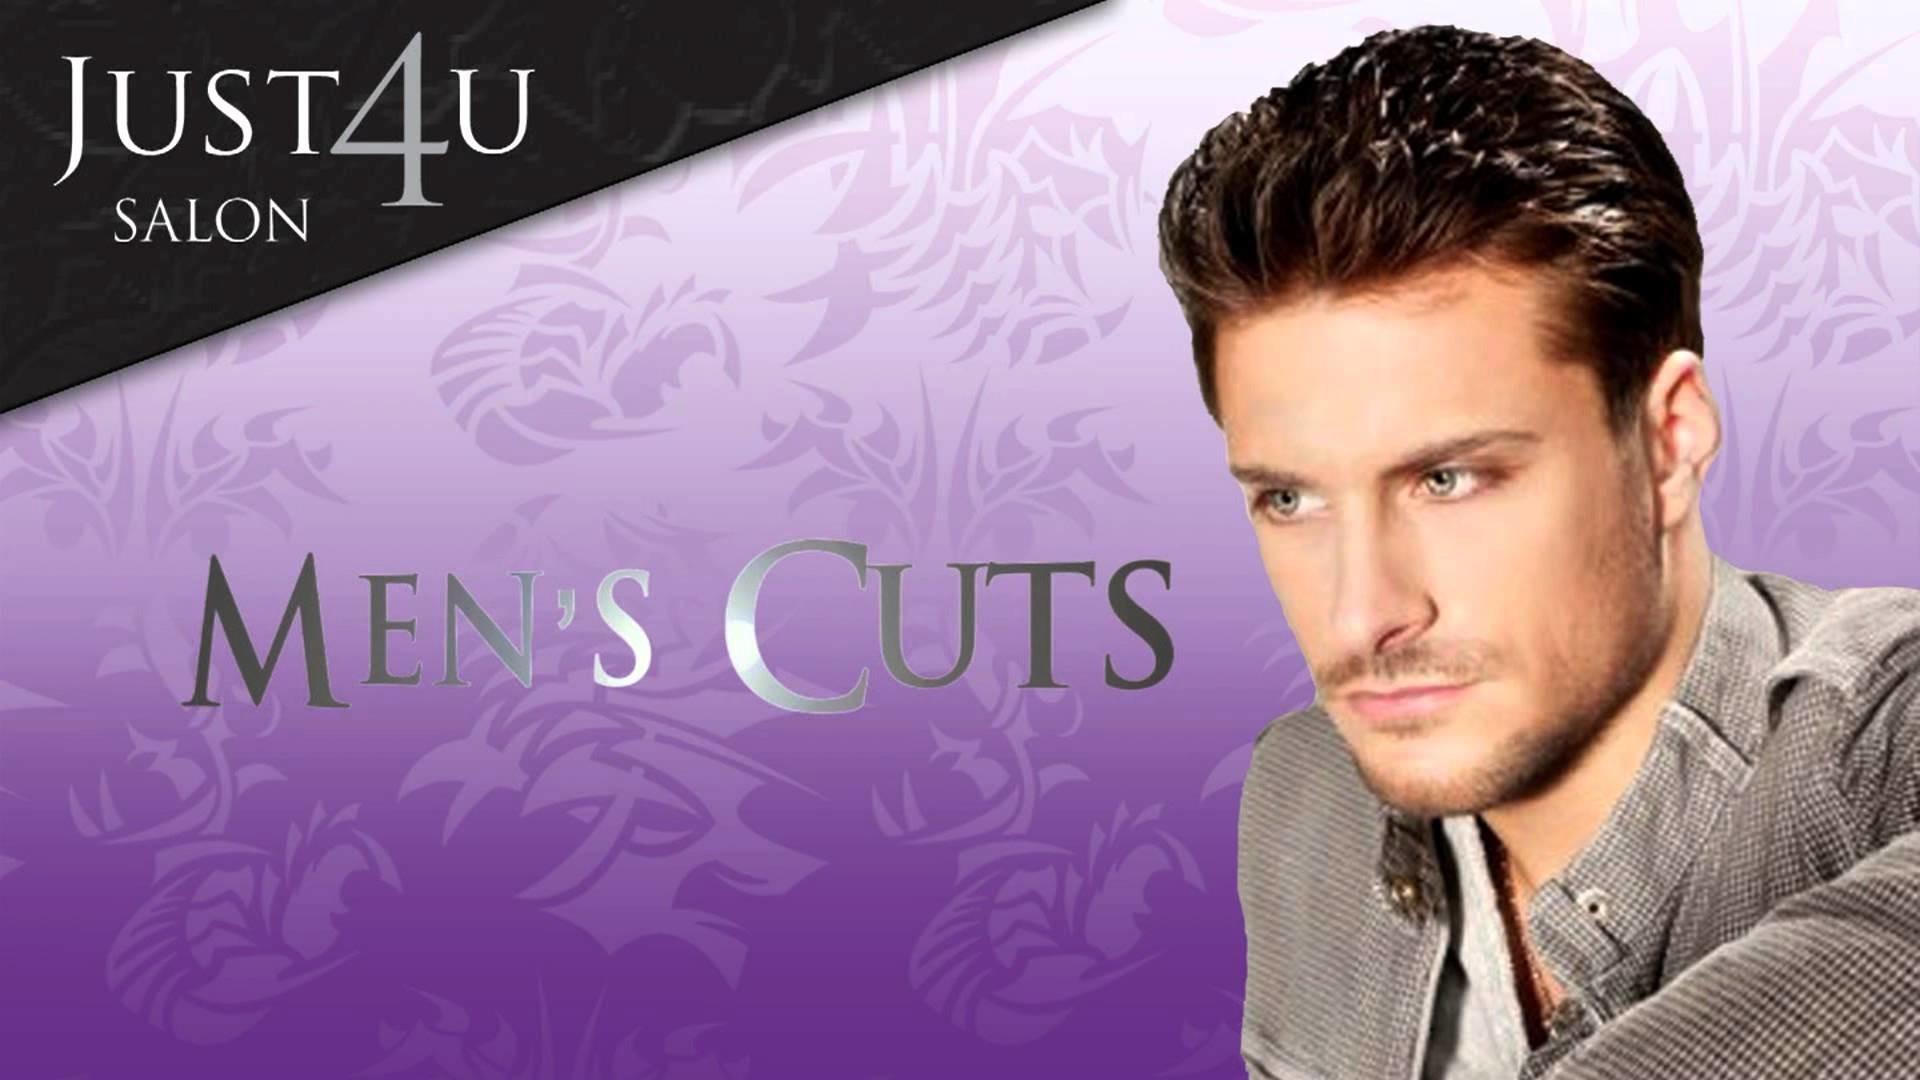 Res: 1920x1080, Just 4 U Salon - Mens & Kids Cut